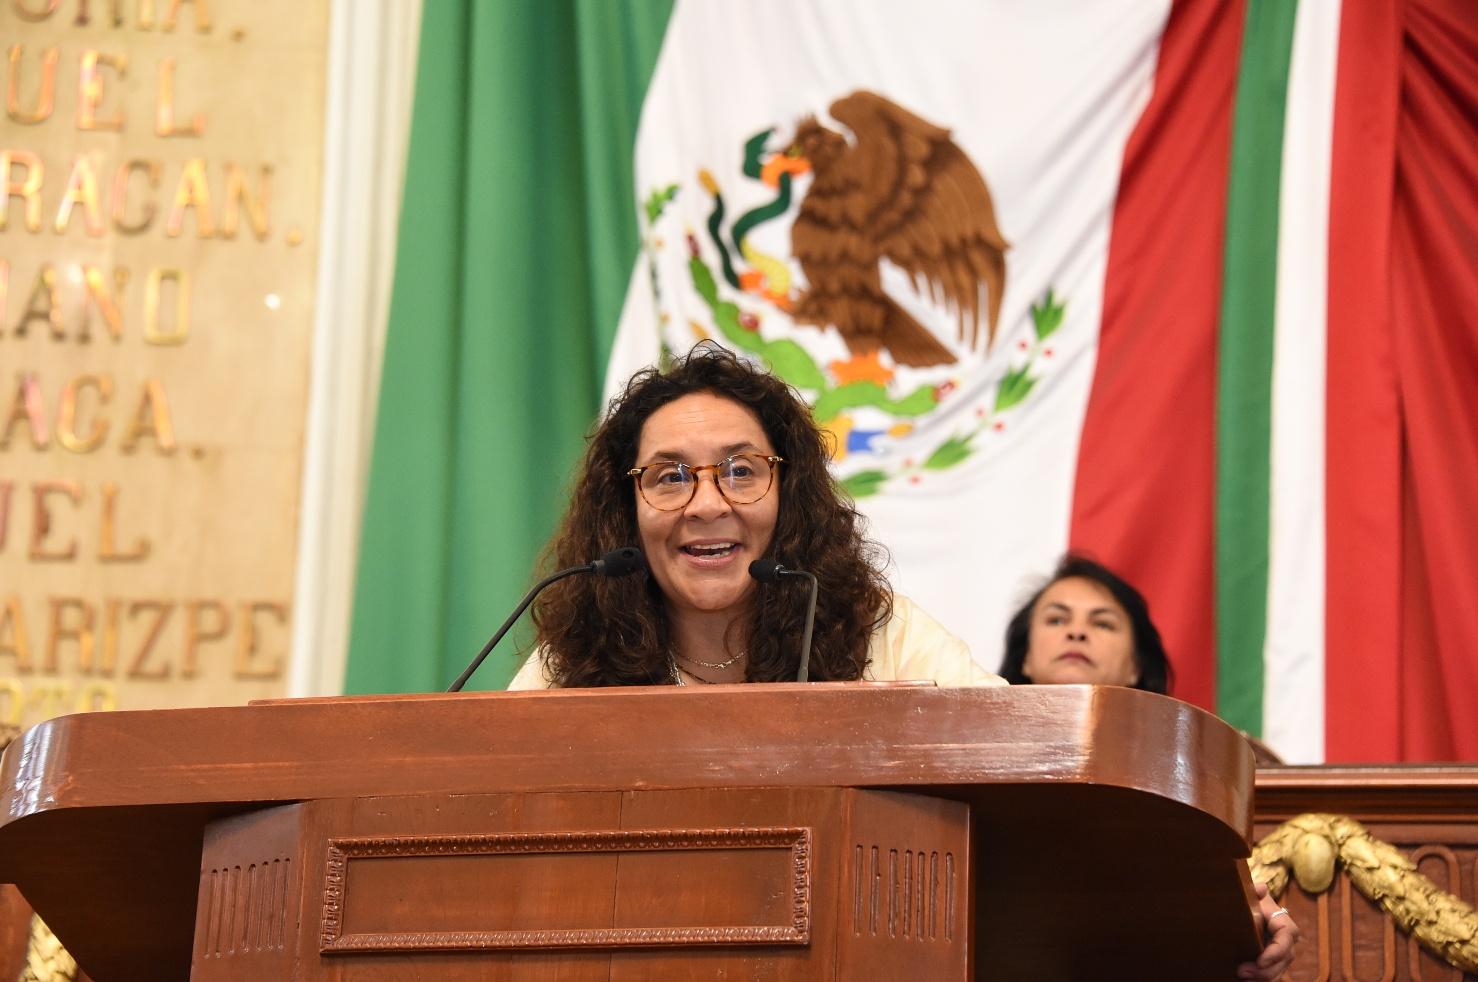 Solicita el Congreso a SACMEX información de los ingresos obtenidos por el Suministro de Agua en 2018 Y 2019